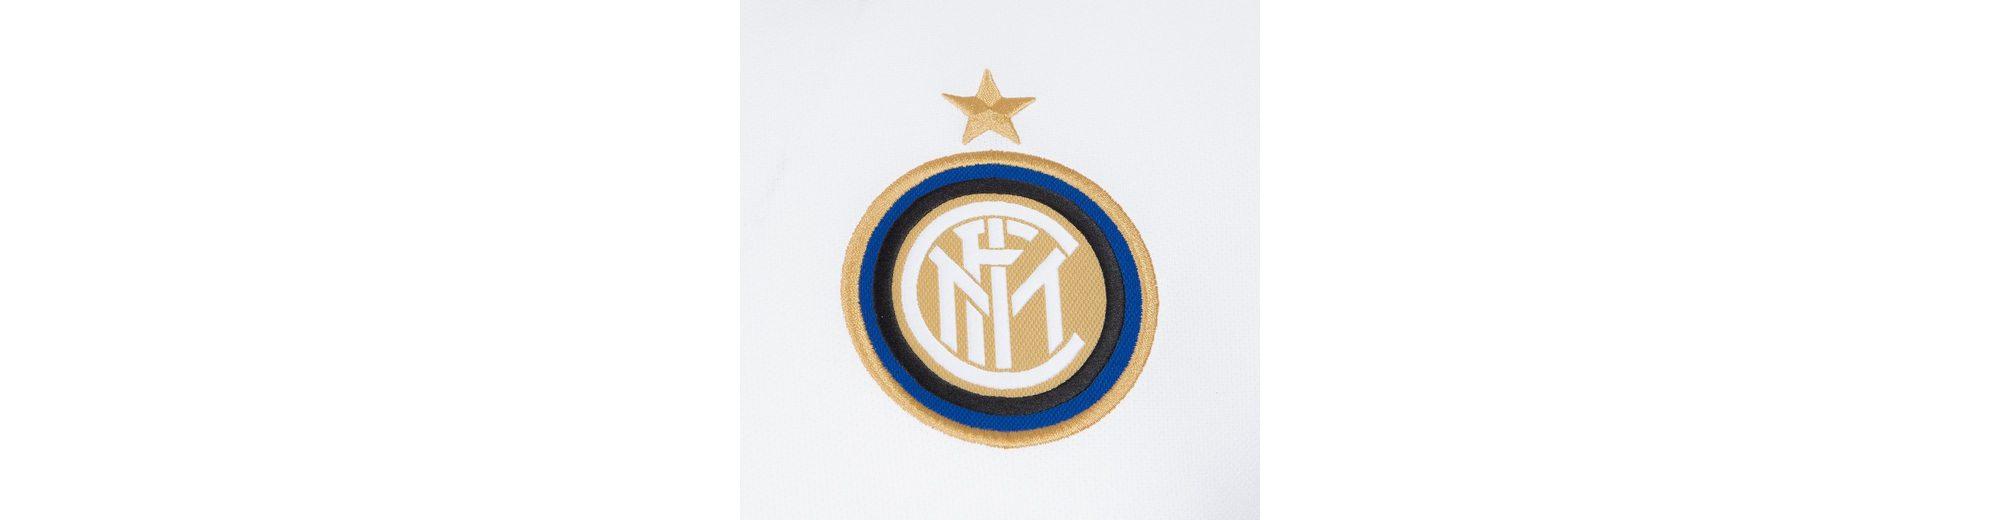 Nike Inter Mailand Trikot Away Stadium 2015/2016 Herren Verkauf Sast Breite Palette Von Online Günstige Austrittsstellen Versorgung Verkauf Online Preise Günstiger Preis TQ02xgC